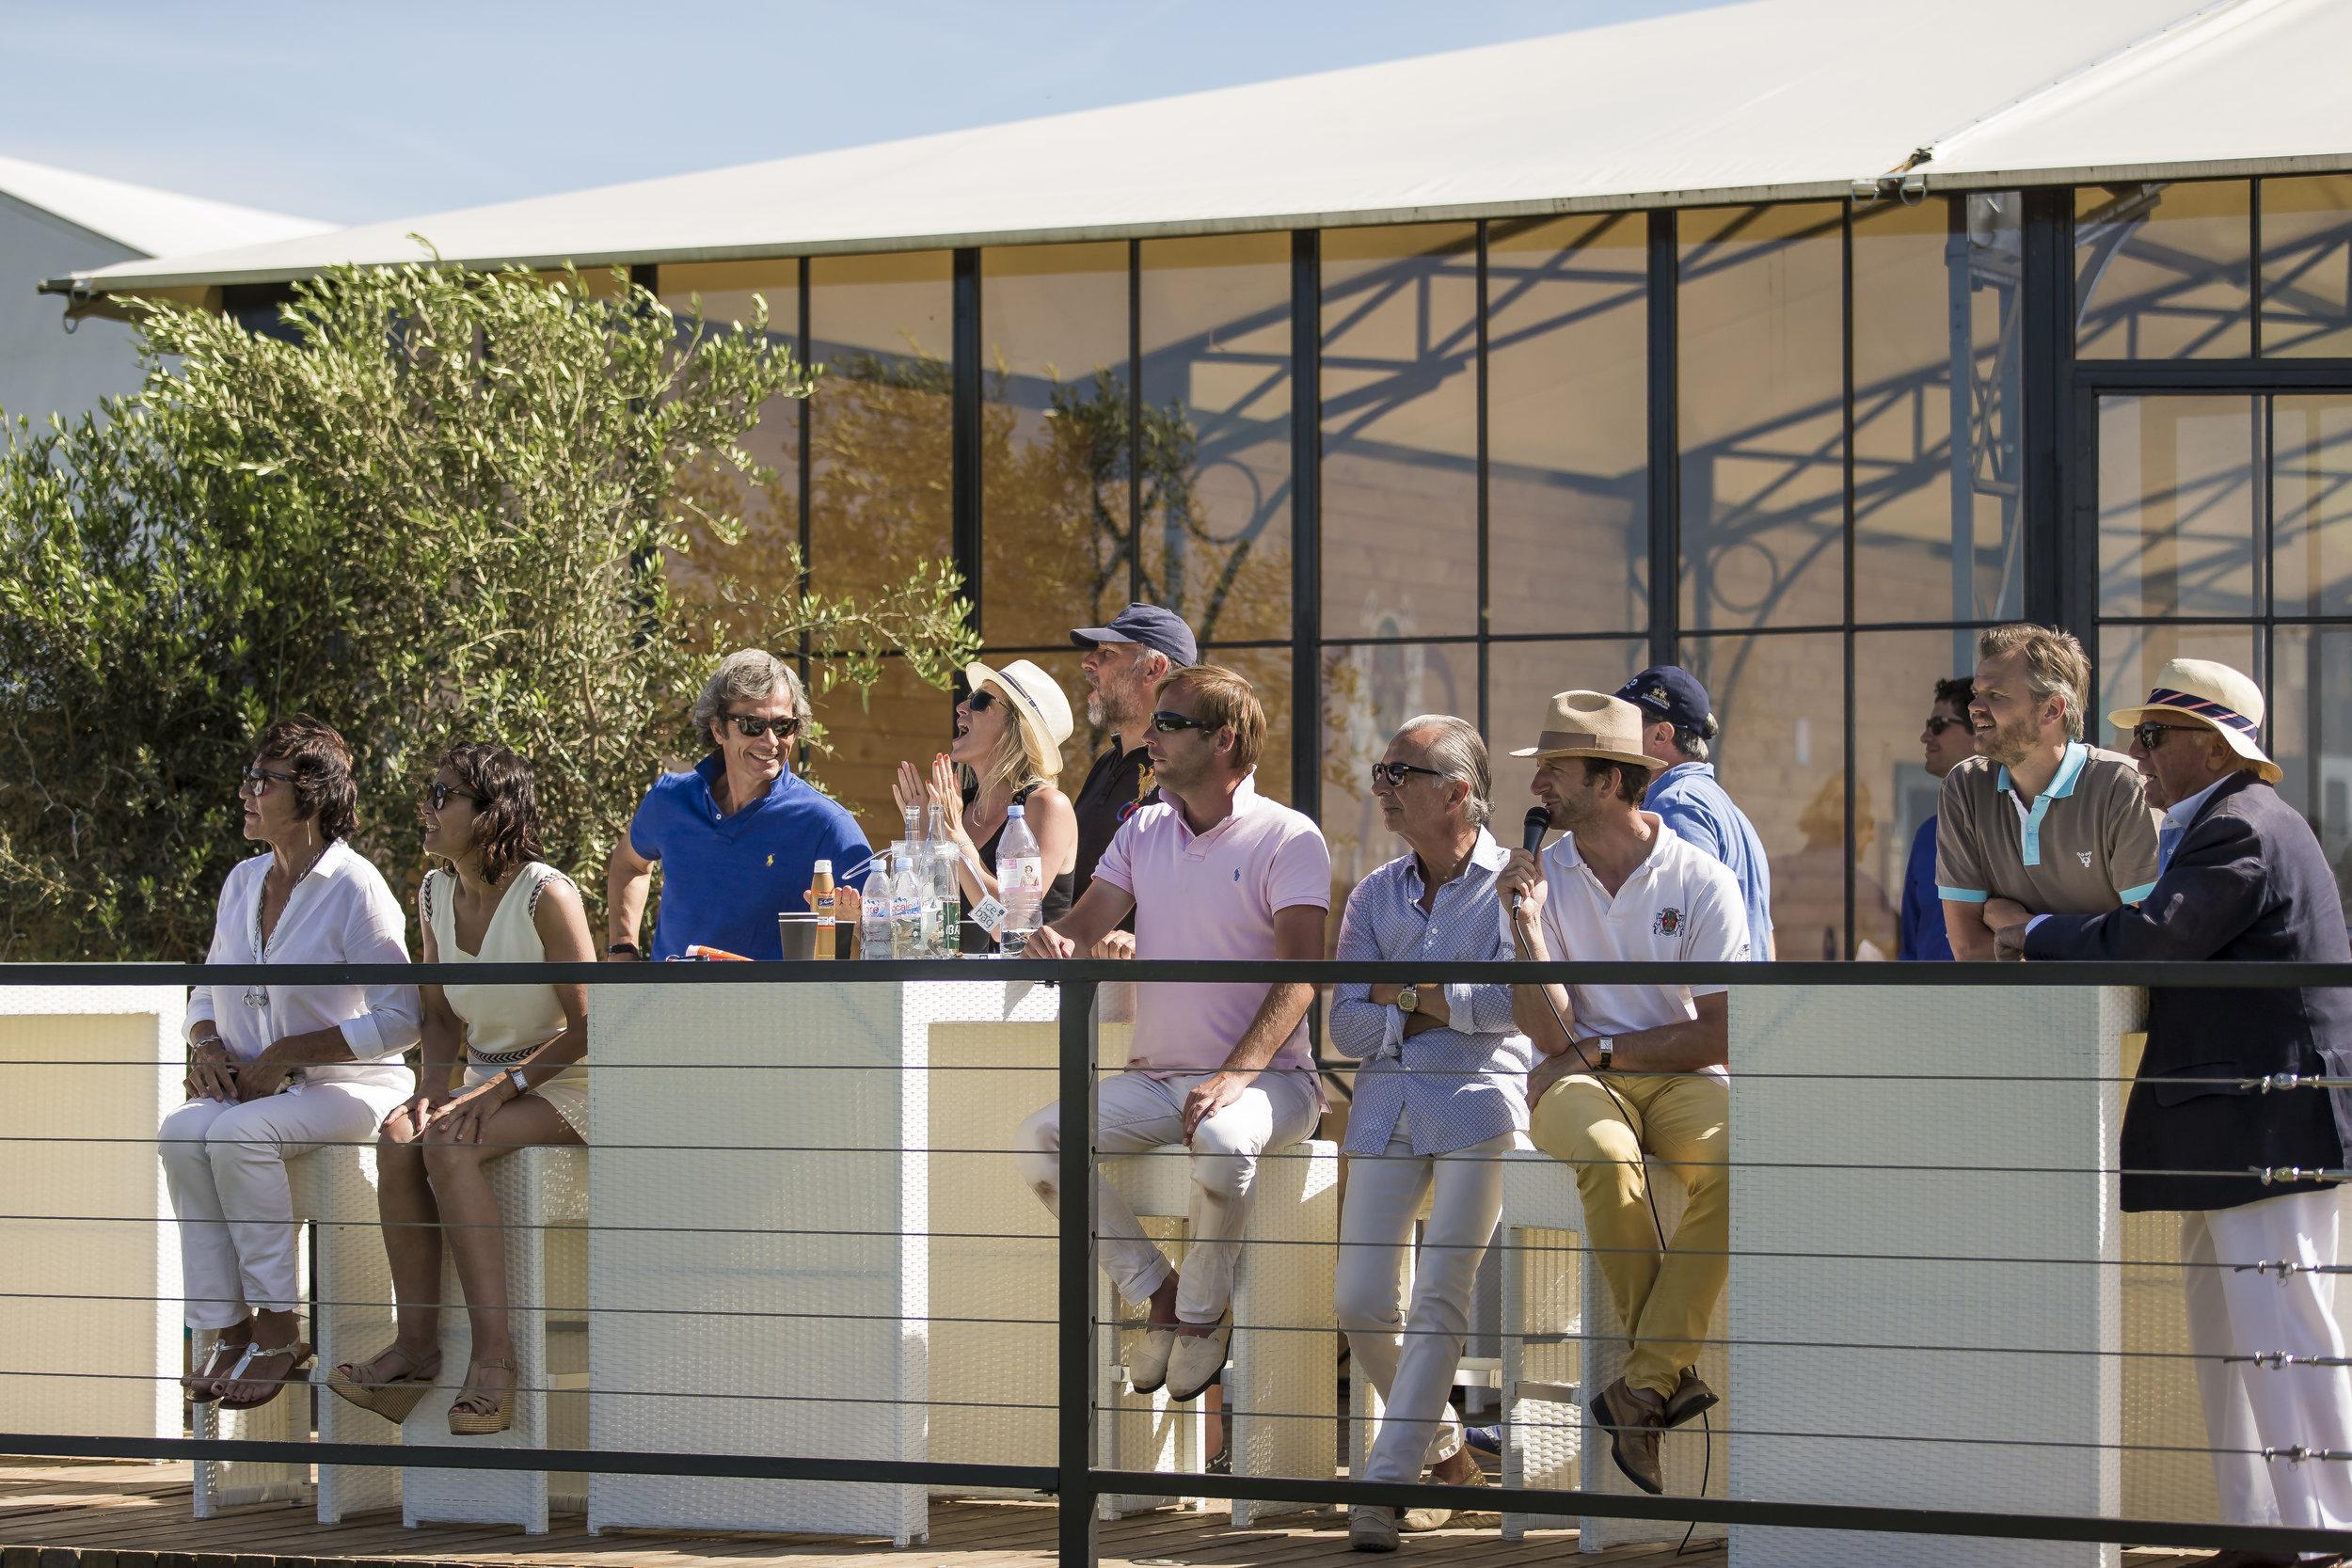 Spectateurs assistant à un match au Polo Club du Domaine de Chantilly  Spectators watching a game at Chantilly Polo Club